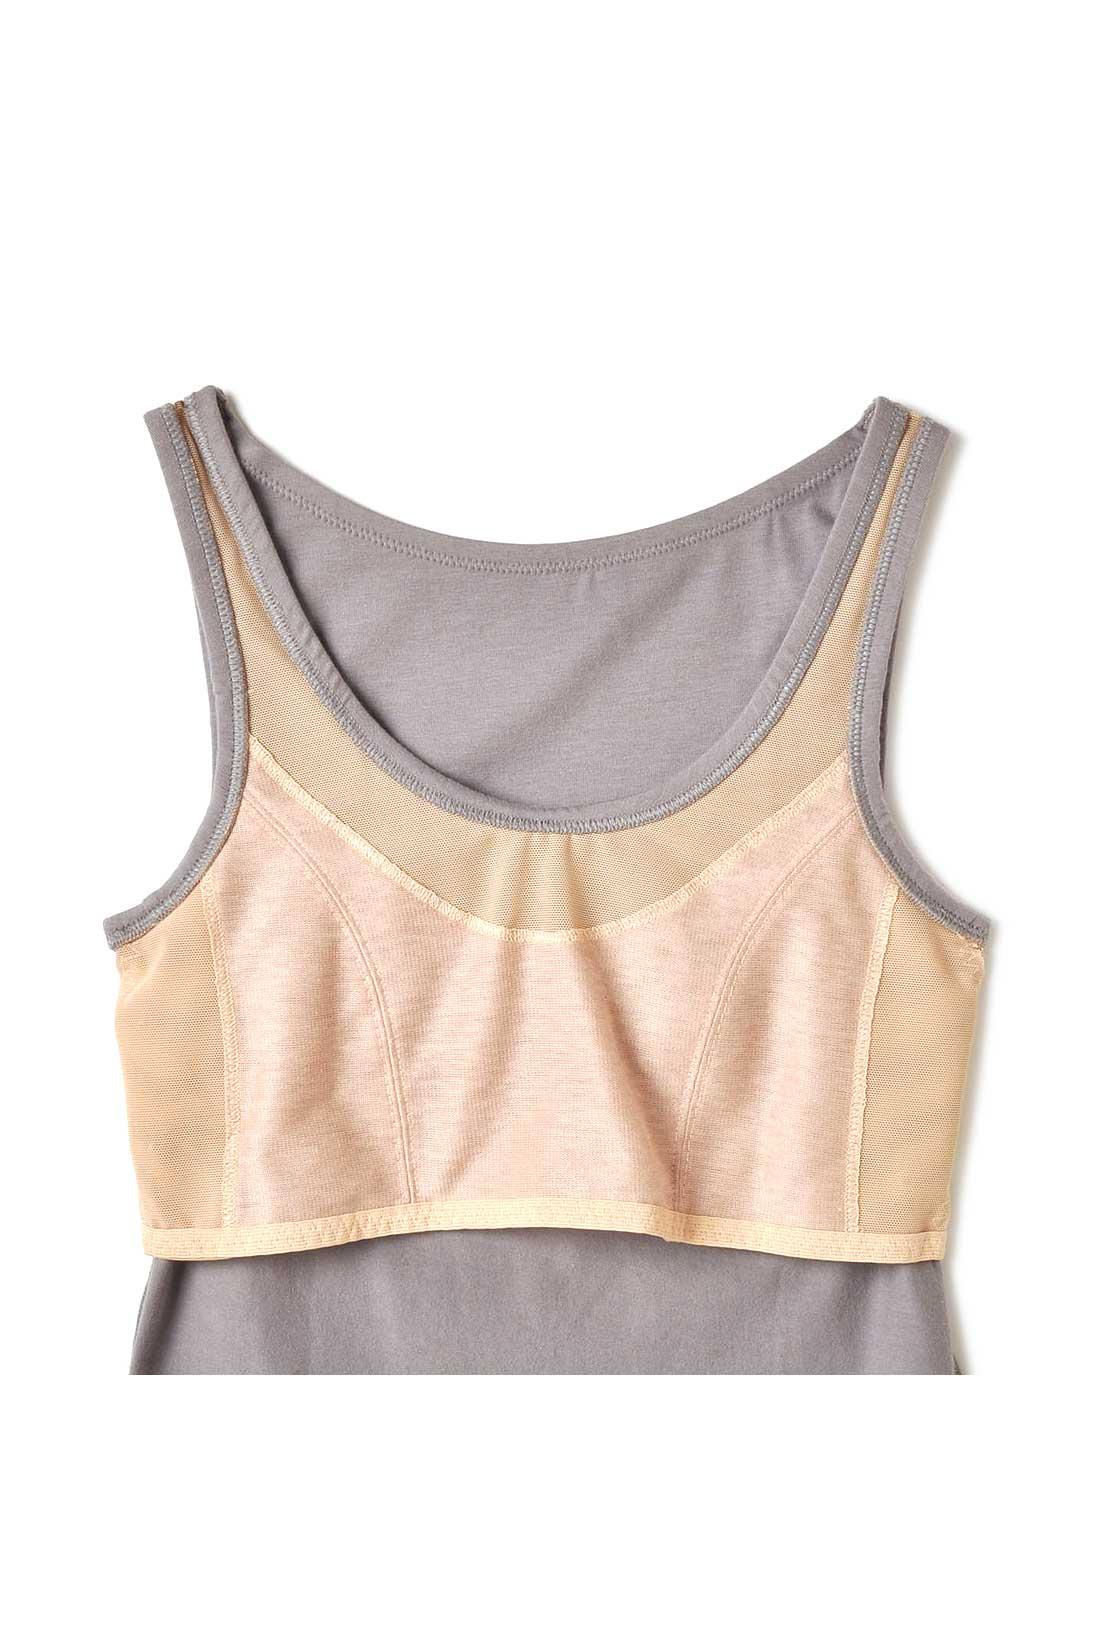 FRONT(肌側) 二重仕立てのパワーネットでバストをフラットに。バスト部分は肌にやさしい綿混素材で、胸もとがむれにくい工夫をしています。